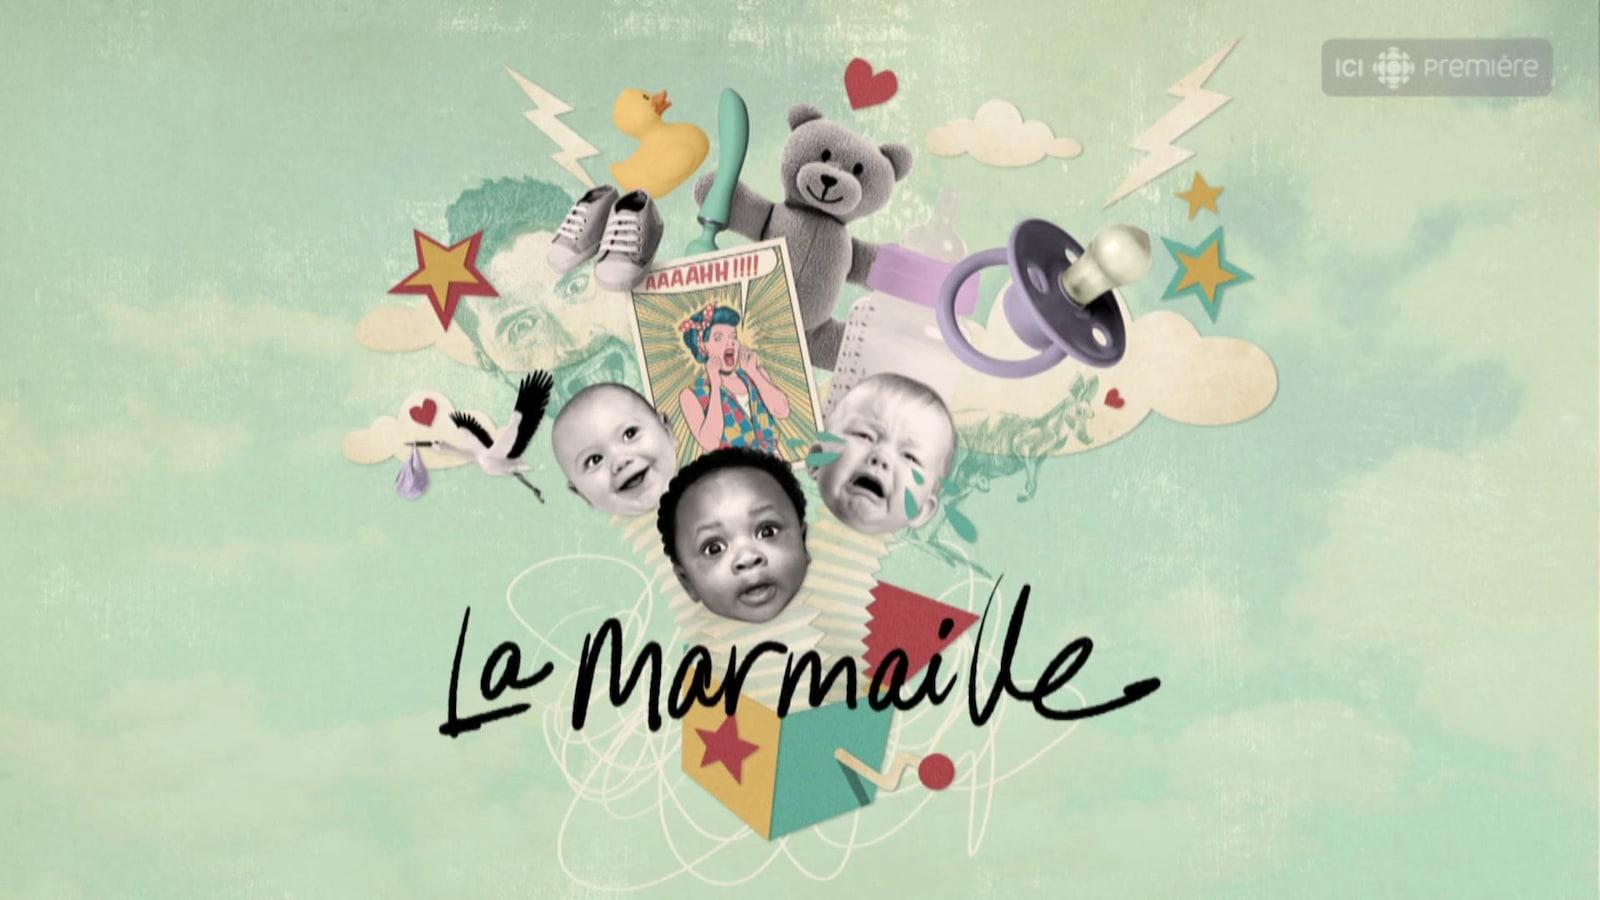 Page titre du balado, la marmaille. Graphique représentant des bébés et des accessoires qui sortent d'une boite à surprise.